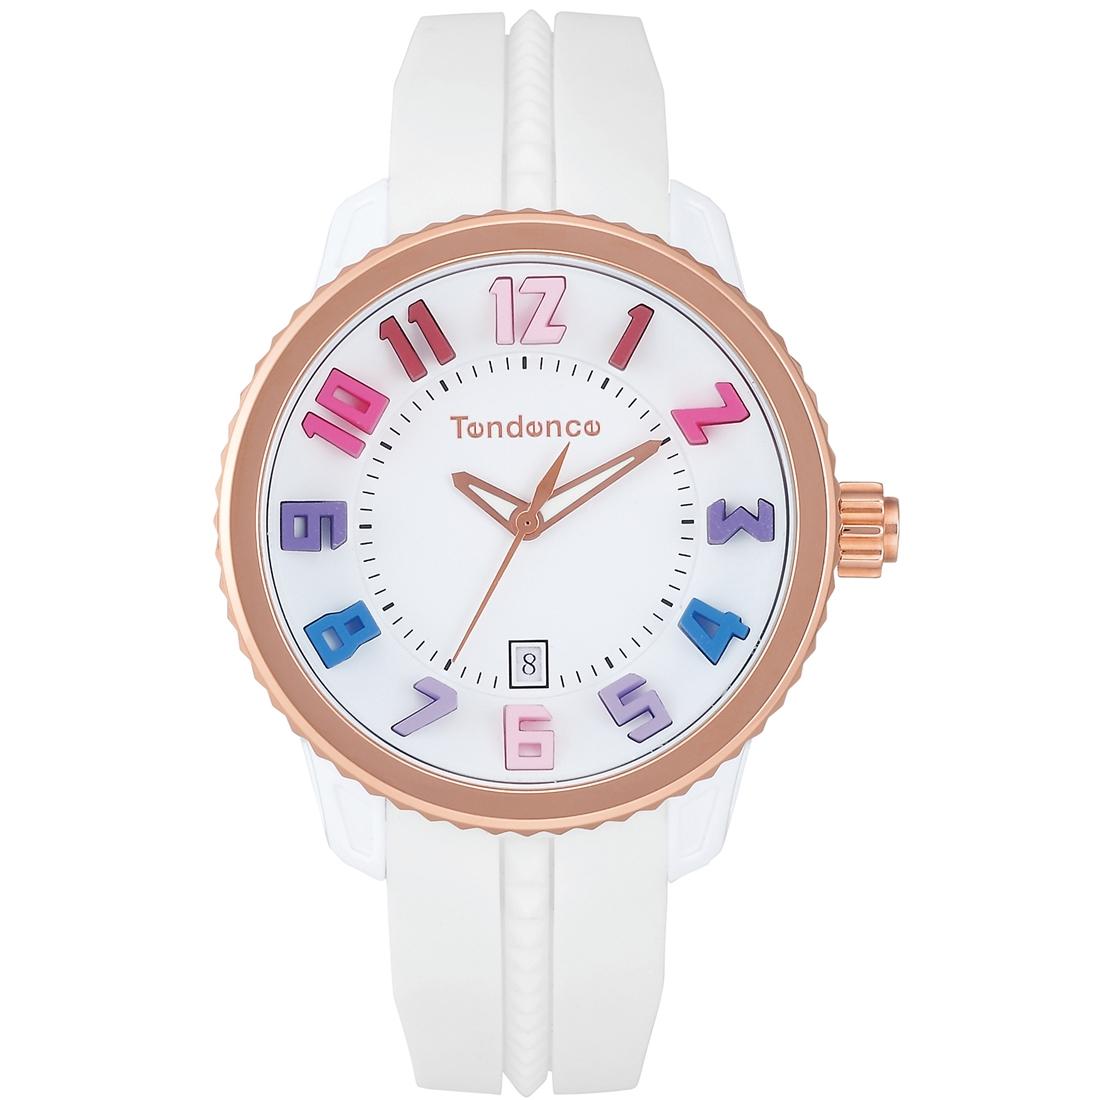 【今ならオーバーサイズノートプレゼント】 テンデンス Tendence TG930113R ガリバー レインボー ミディアム 日本限定モデル 正規品 腕時計